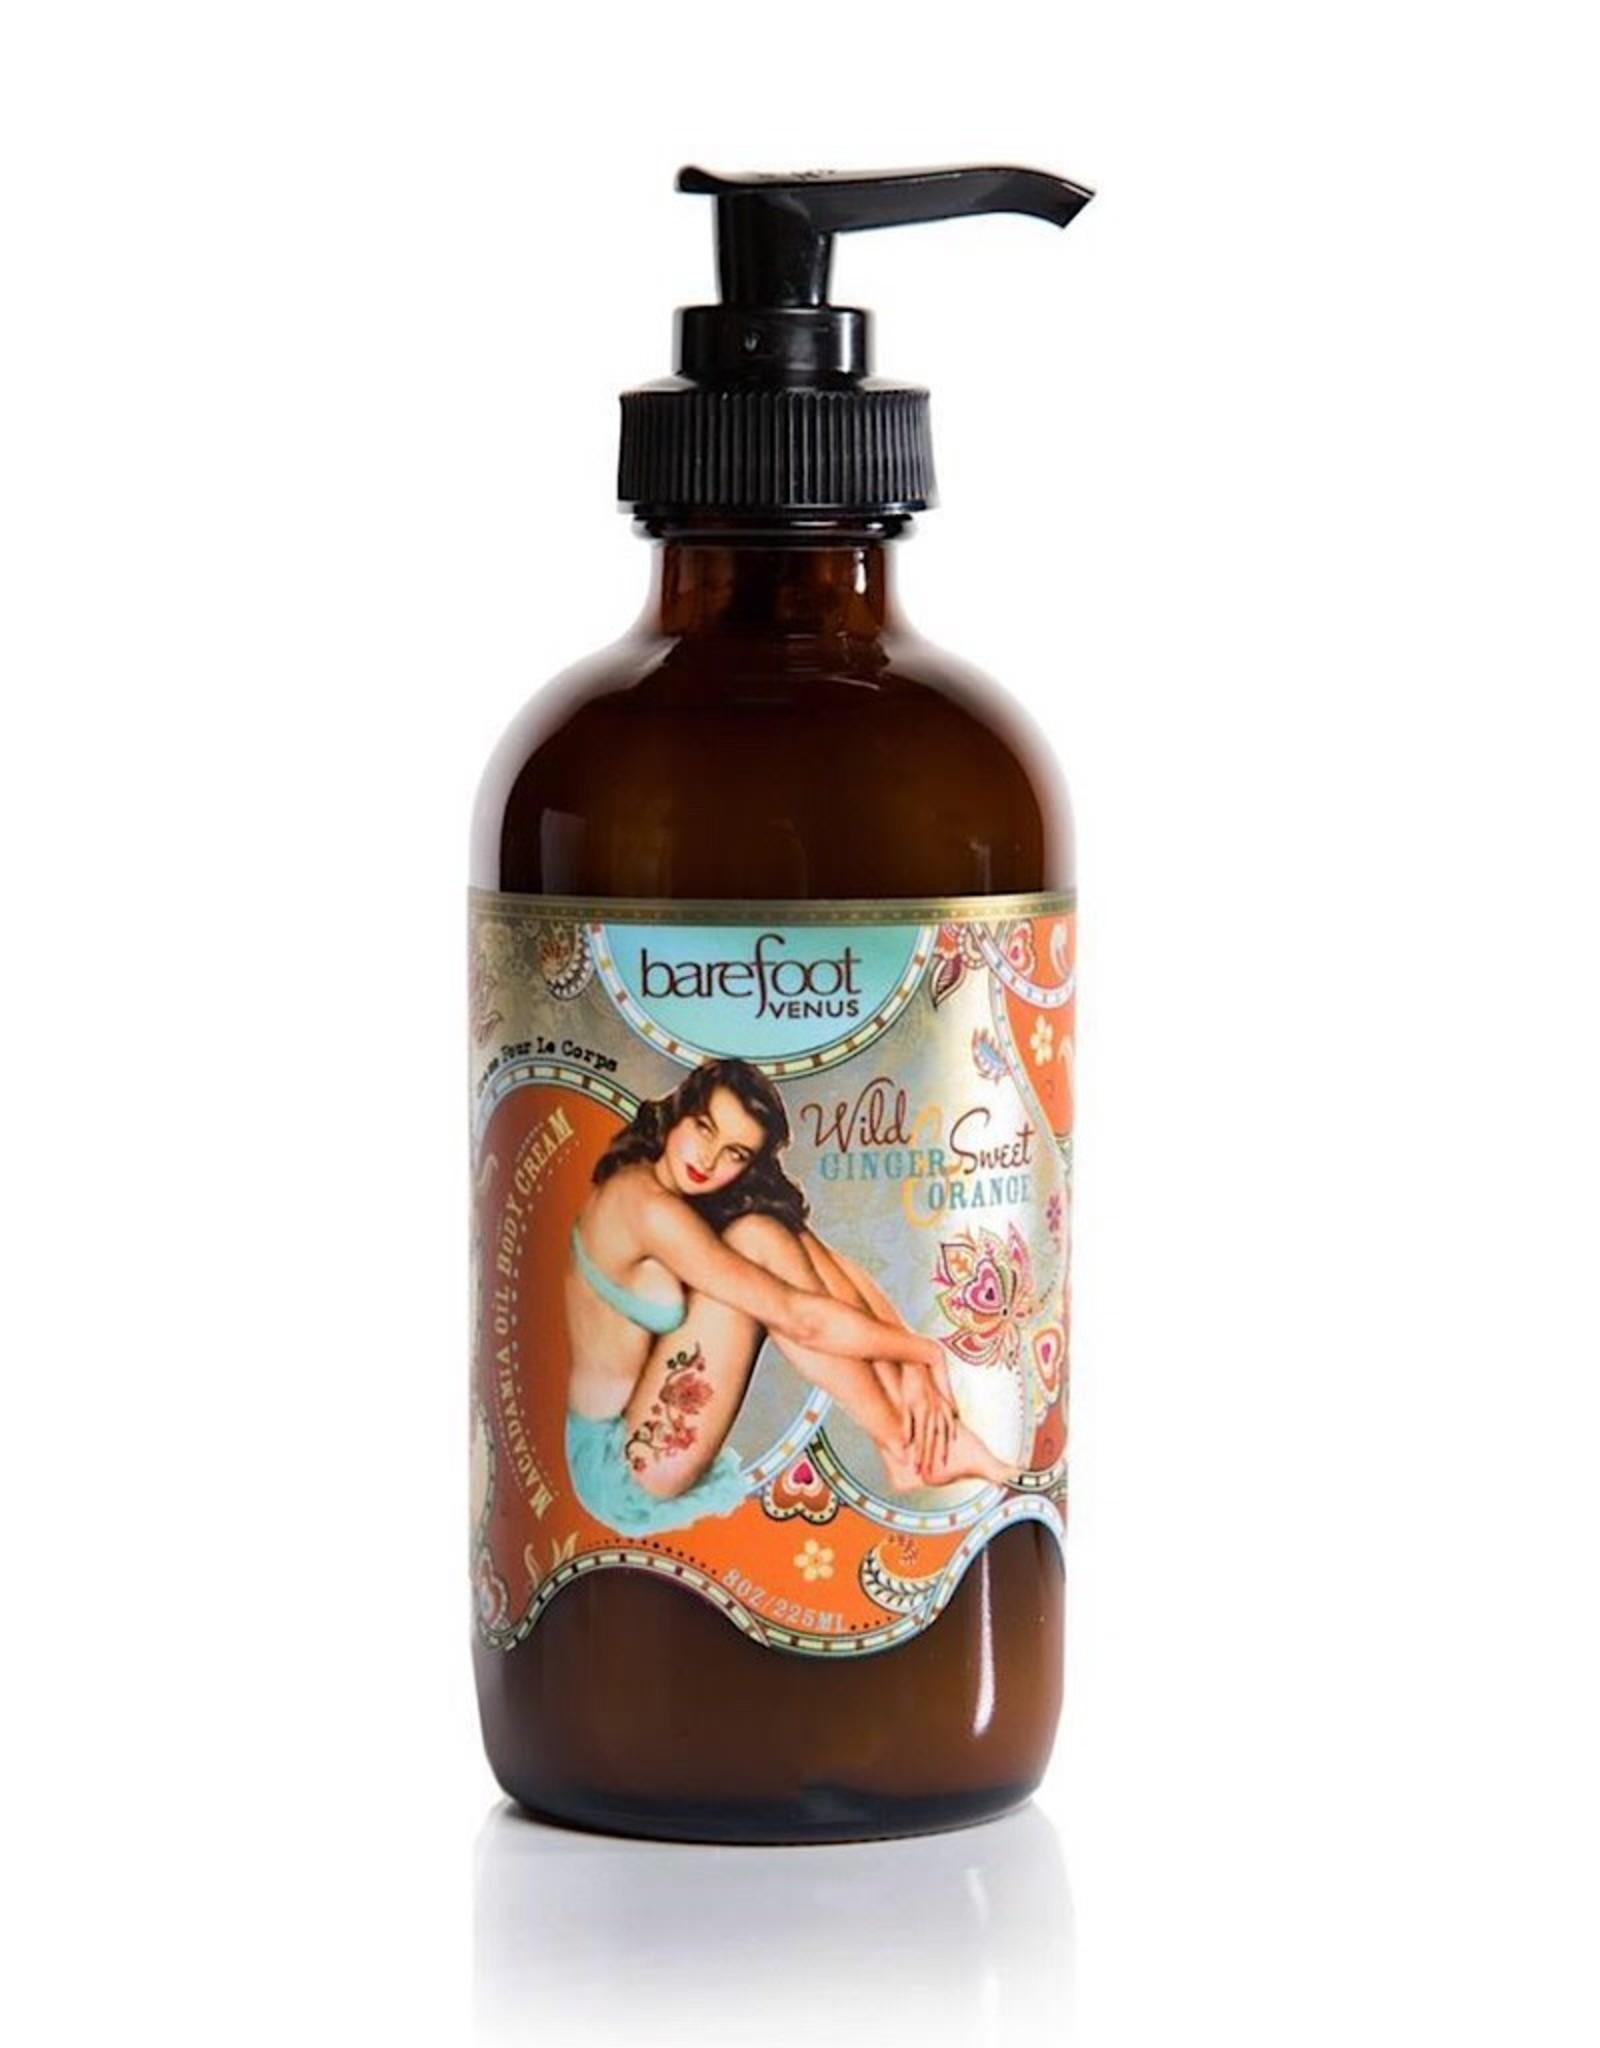 Barefoot Venus Barefoot Venus Macadamia Body Cream